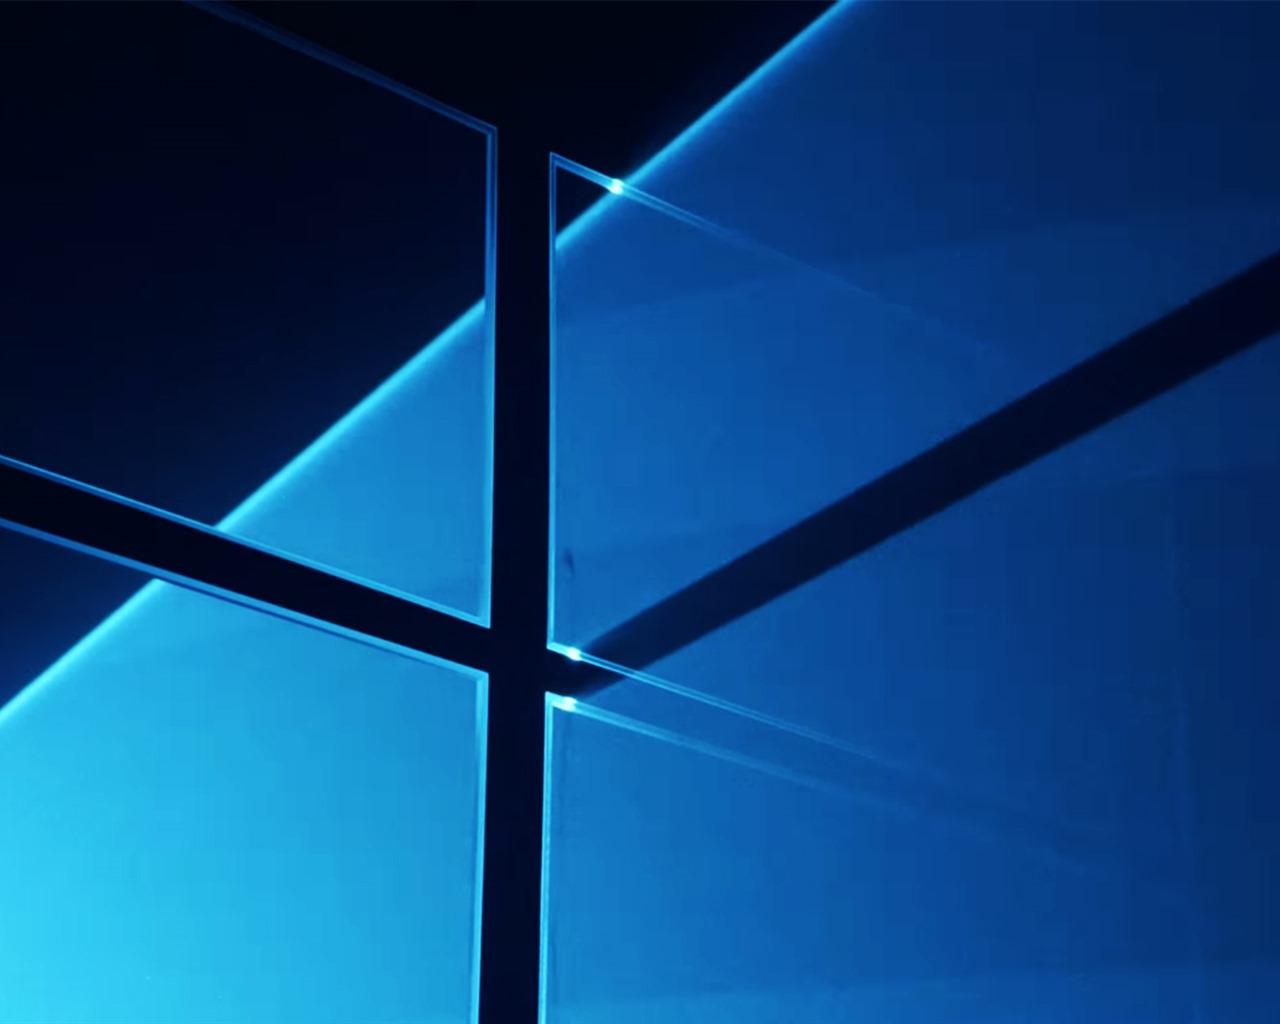 Windows-10 HD Desktop-Hintergrund Sammlung (2) #15